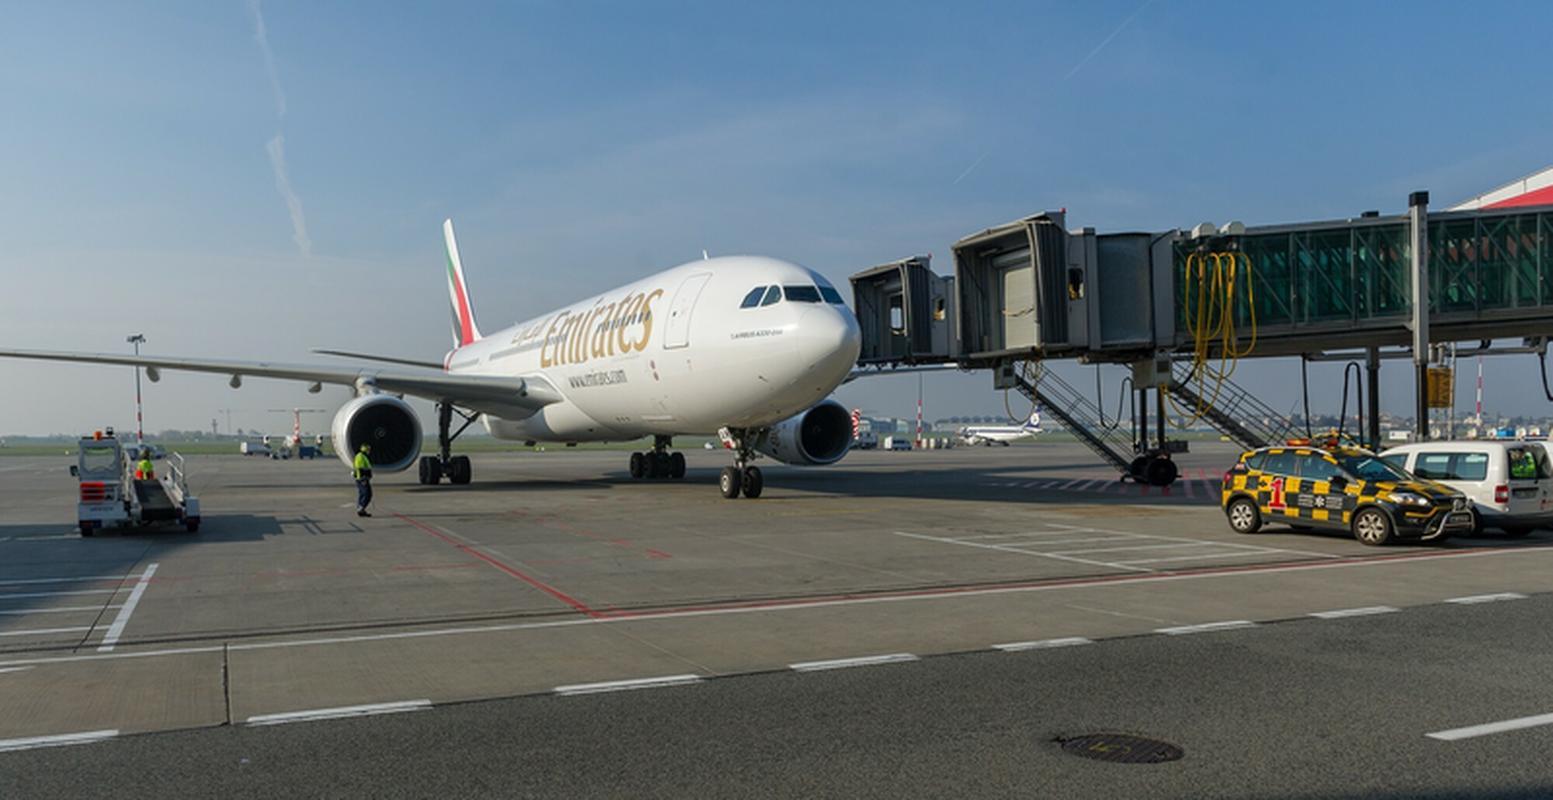 Airbus A330-200 w barwach Emirates początkowo obsługiwał połączenie między Dubajem i Warszawą. Został zastąpiony przez Boeinga 777-300ER